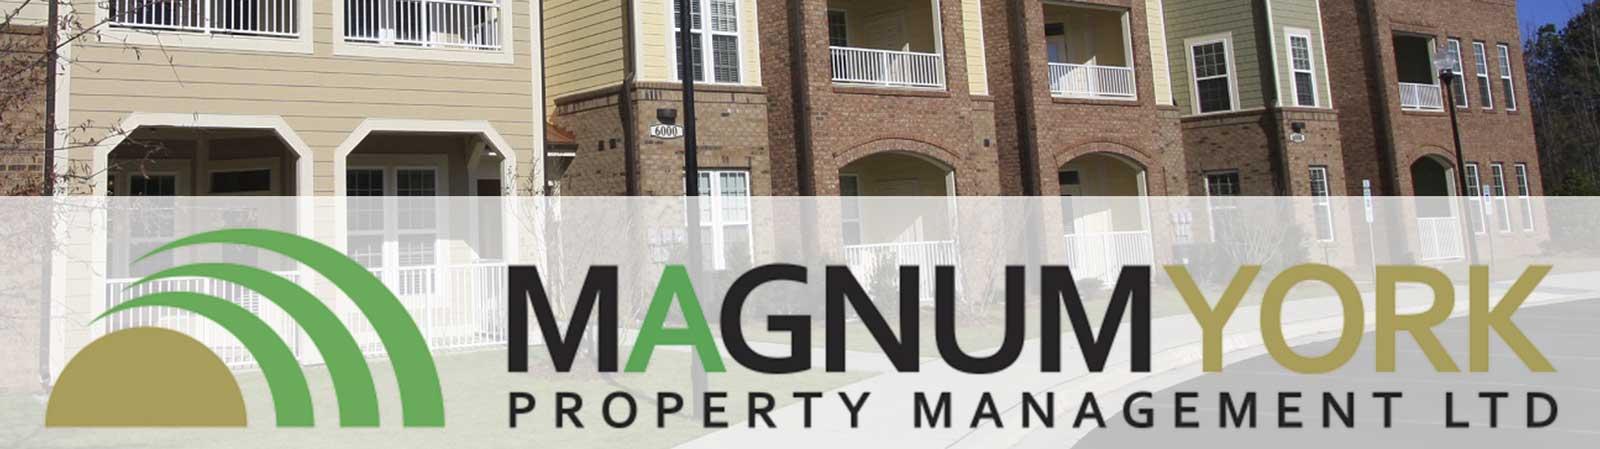 six condo trends alberta condominium industry magnum york property management condo